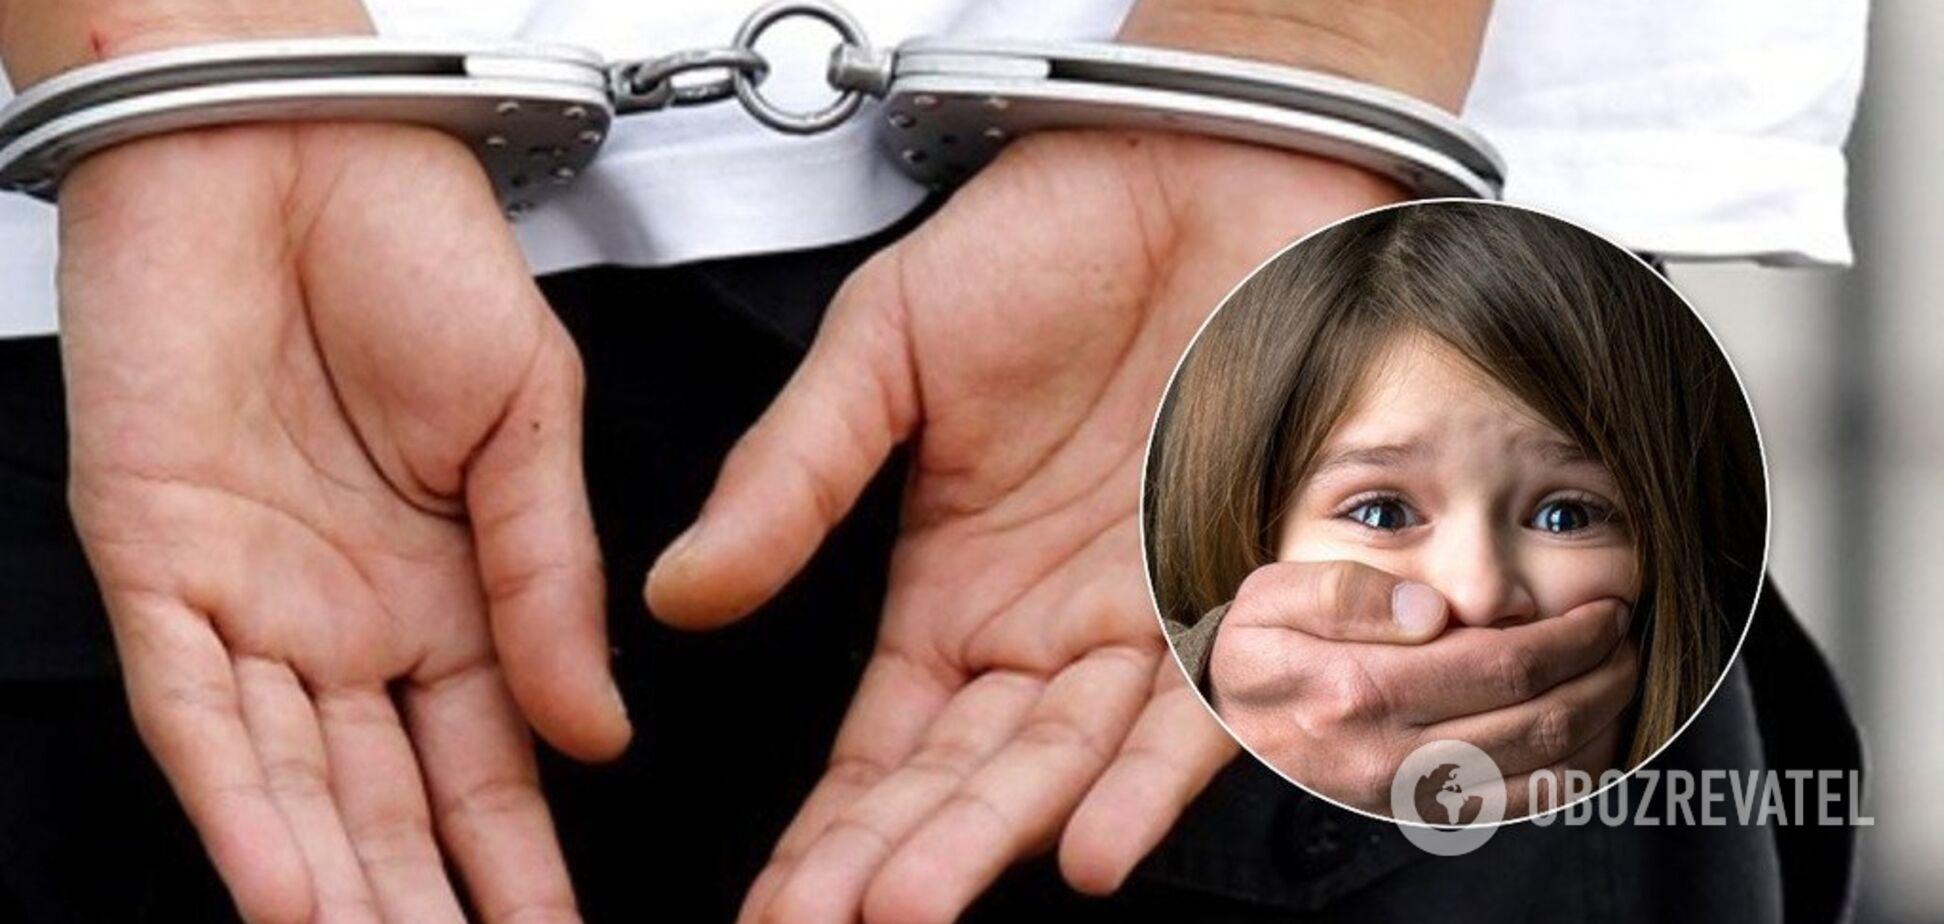 На Харківщині дівчинку три роки ґвалтував старший брат. Ілюстрація